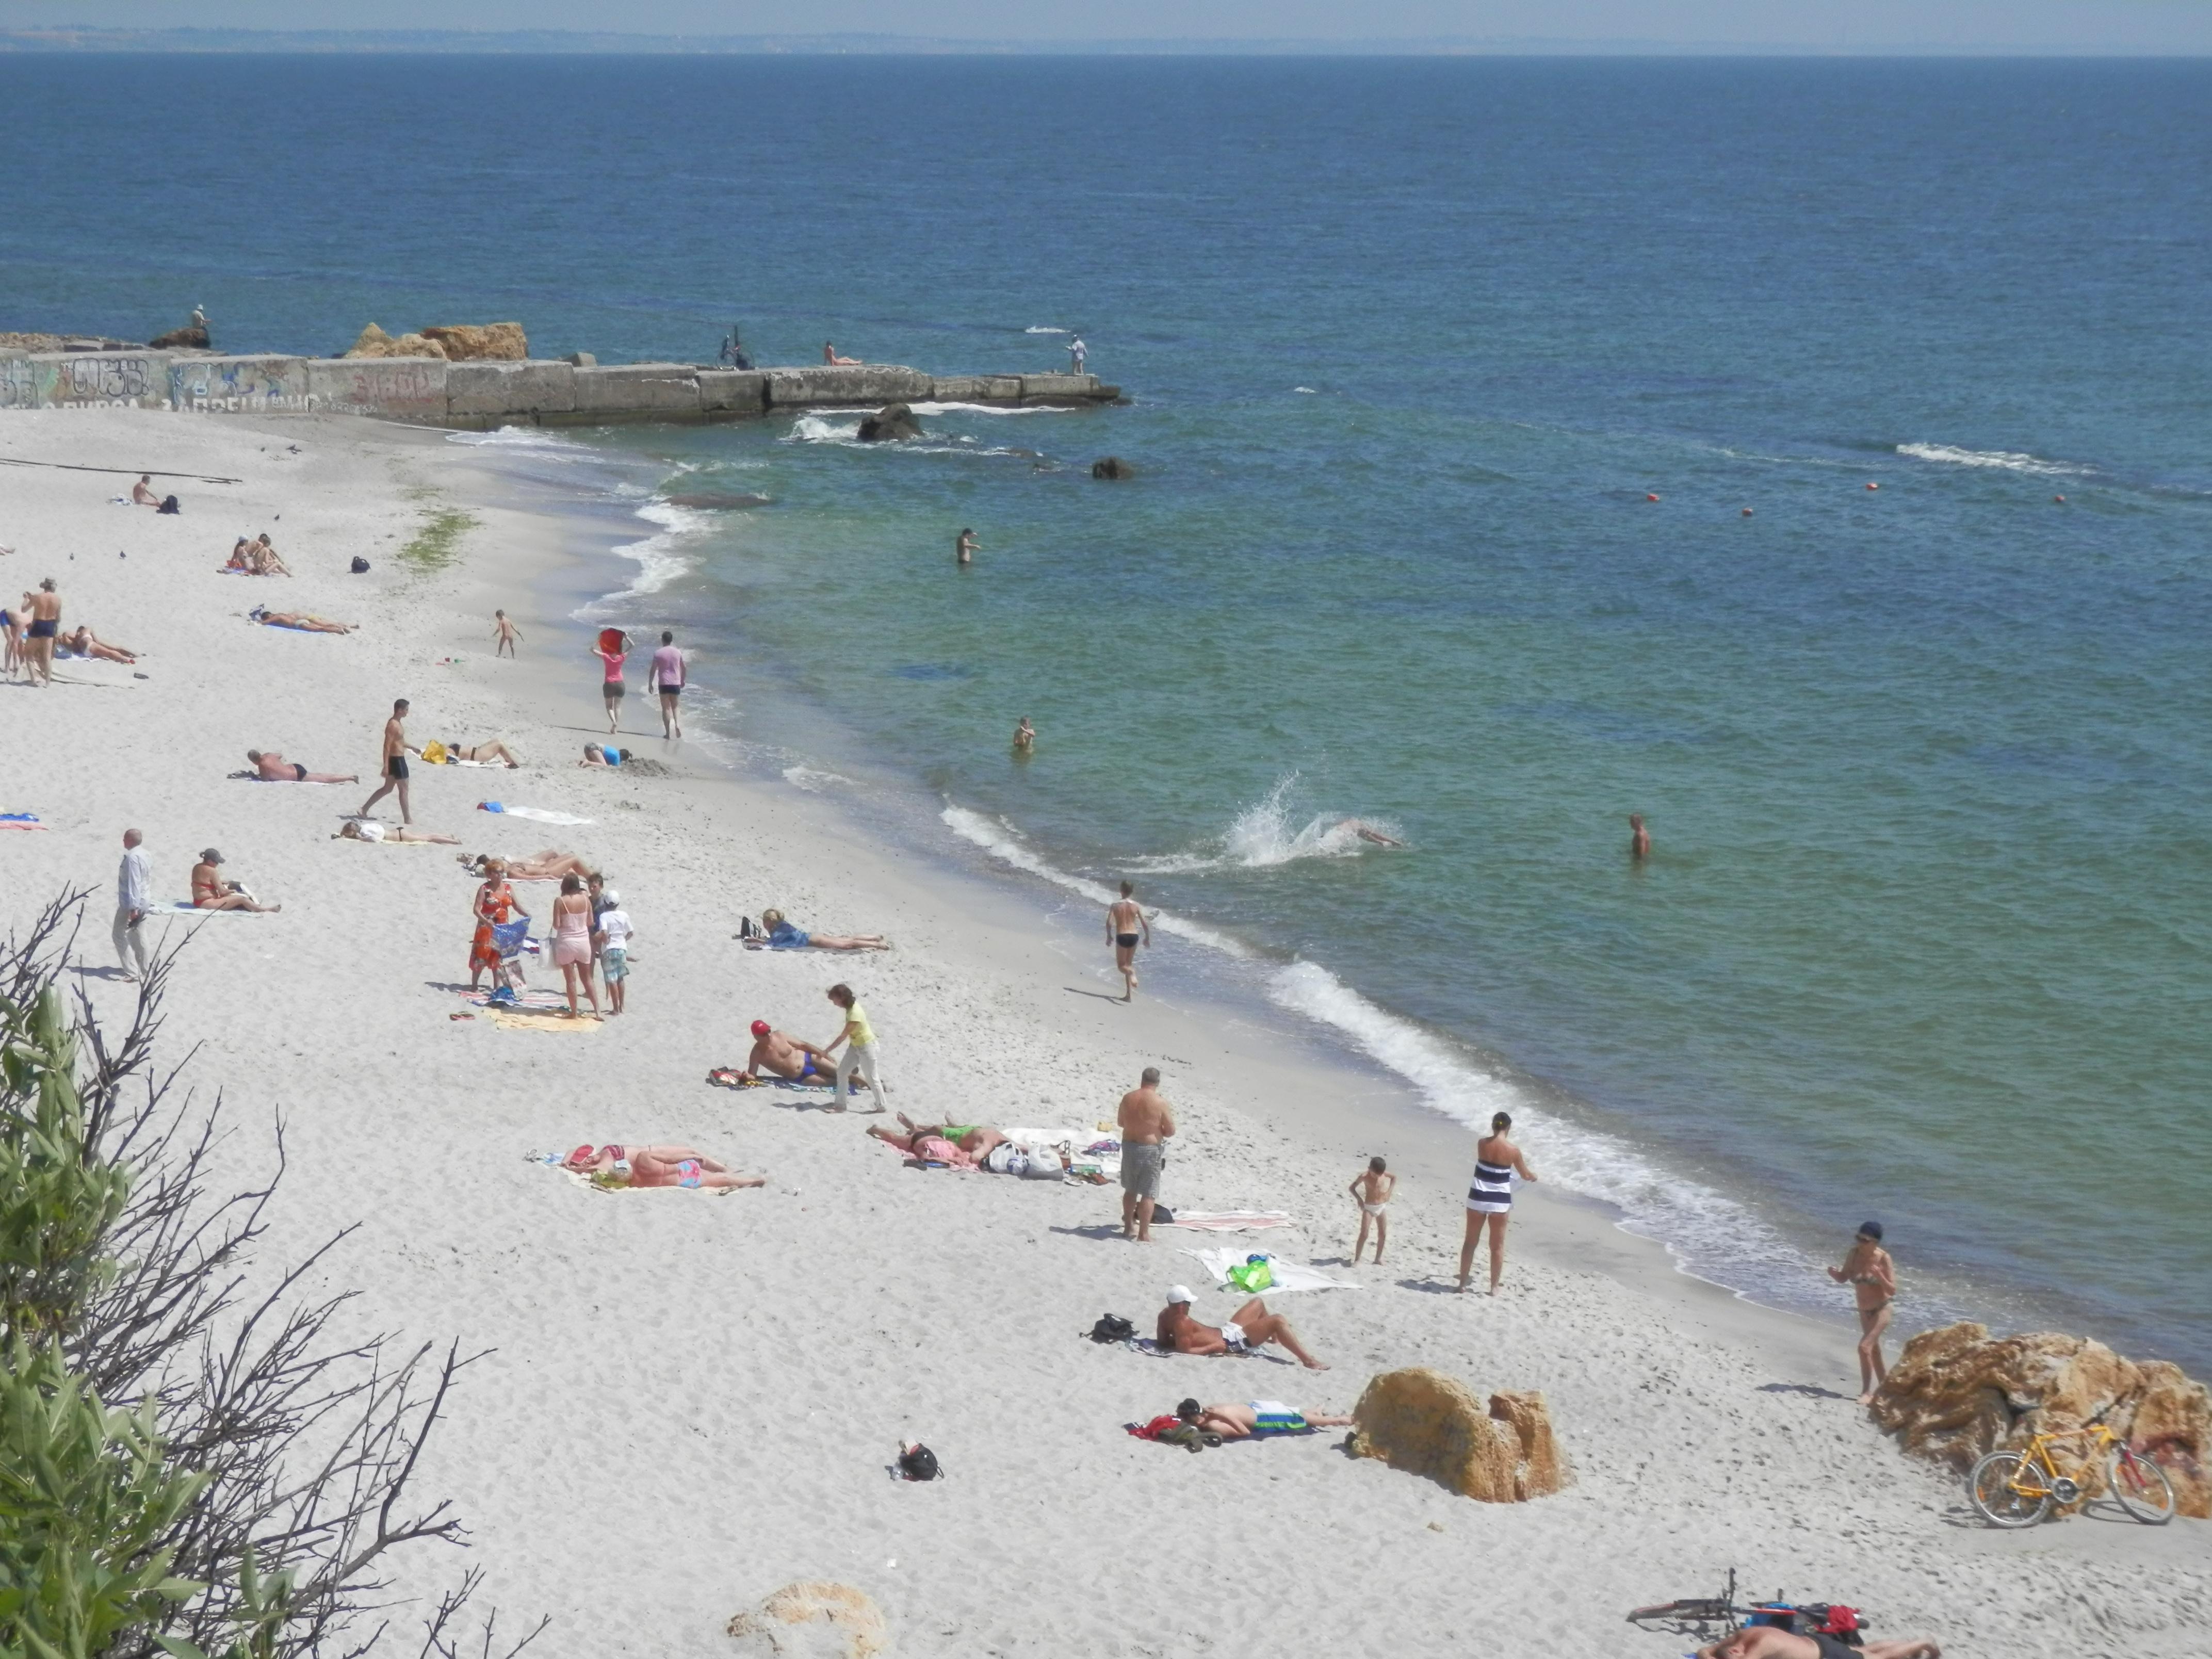 Тысяча гривен и морское побережье: где бюджетно отдохнуть?